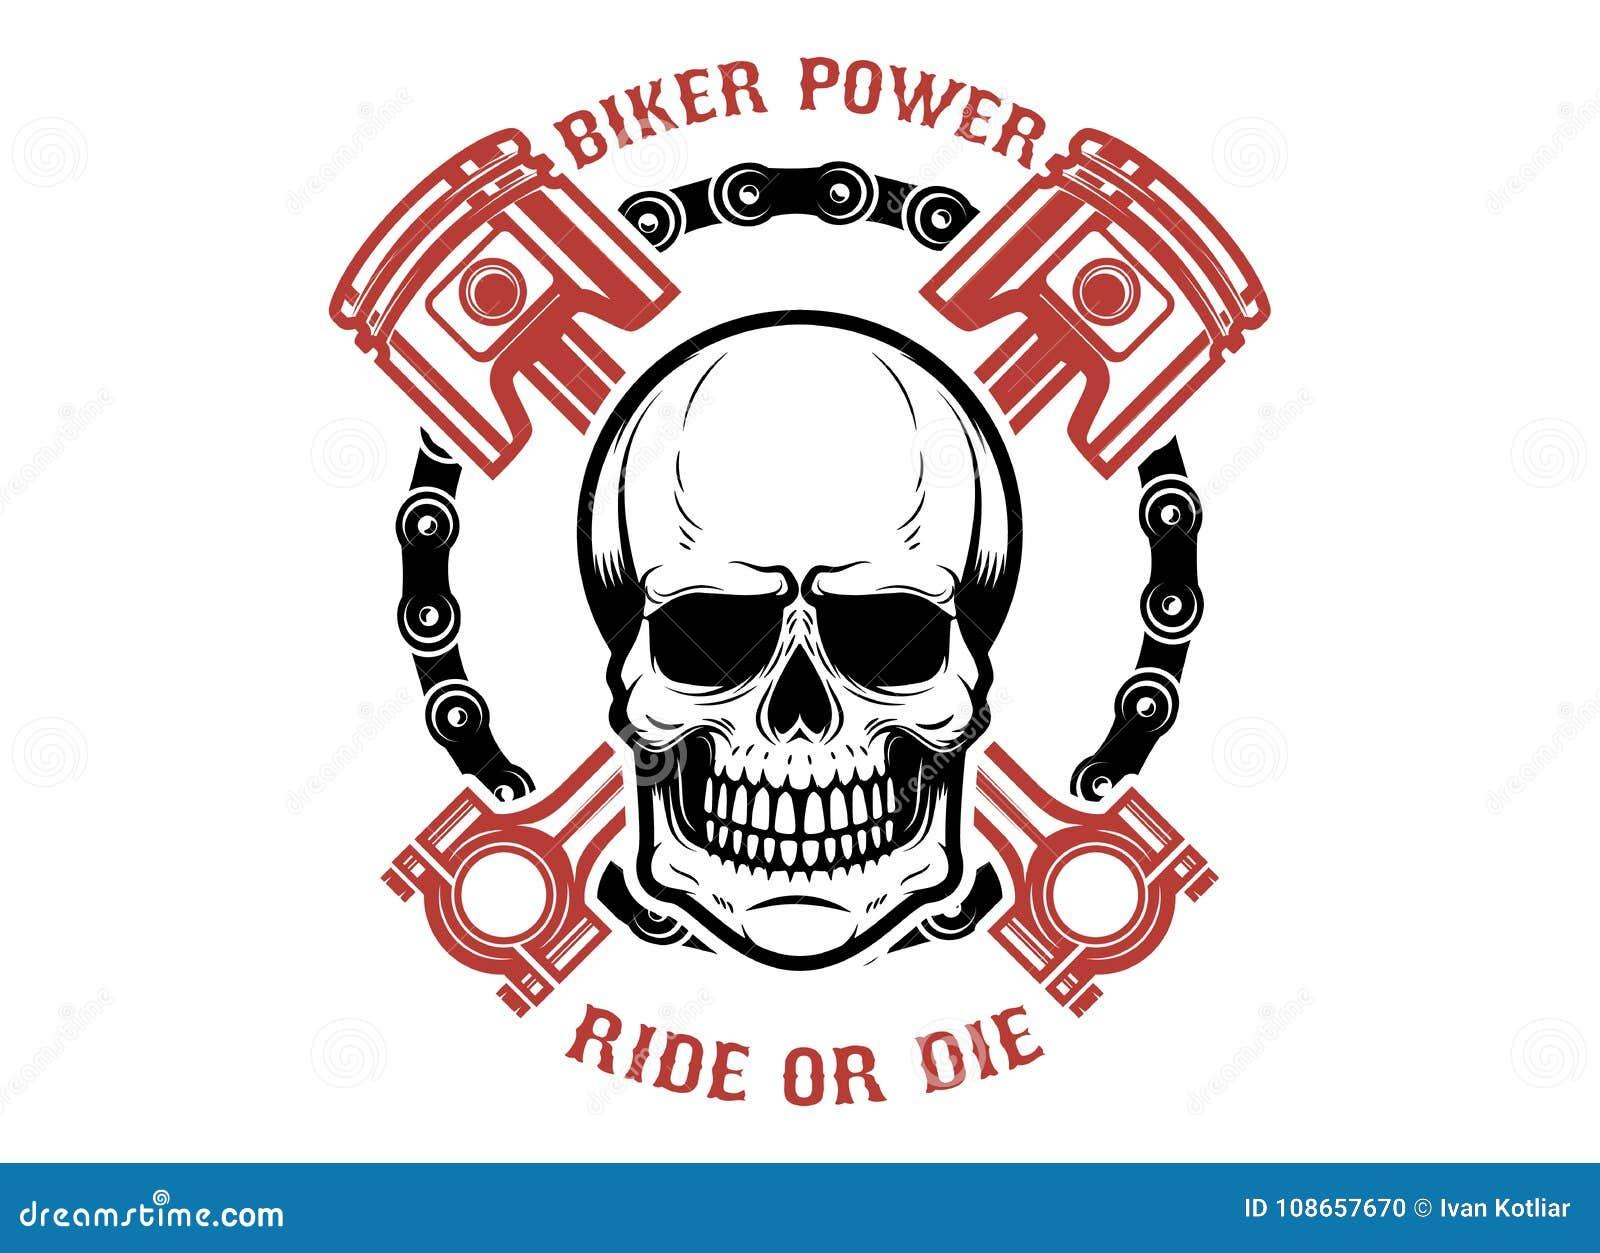 骑自行车的人力量,乘驾或死 有横渡的活塞的人的头骨 设计商标的,标签,象征,标志元素